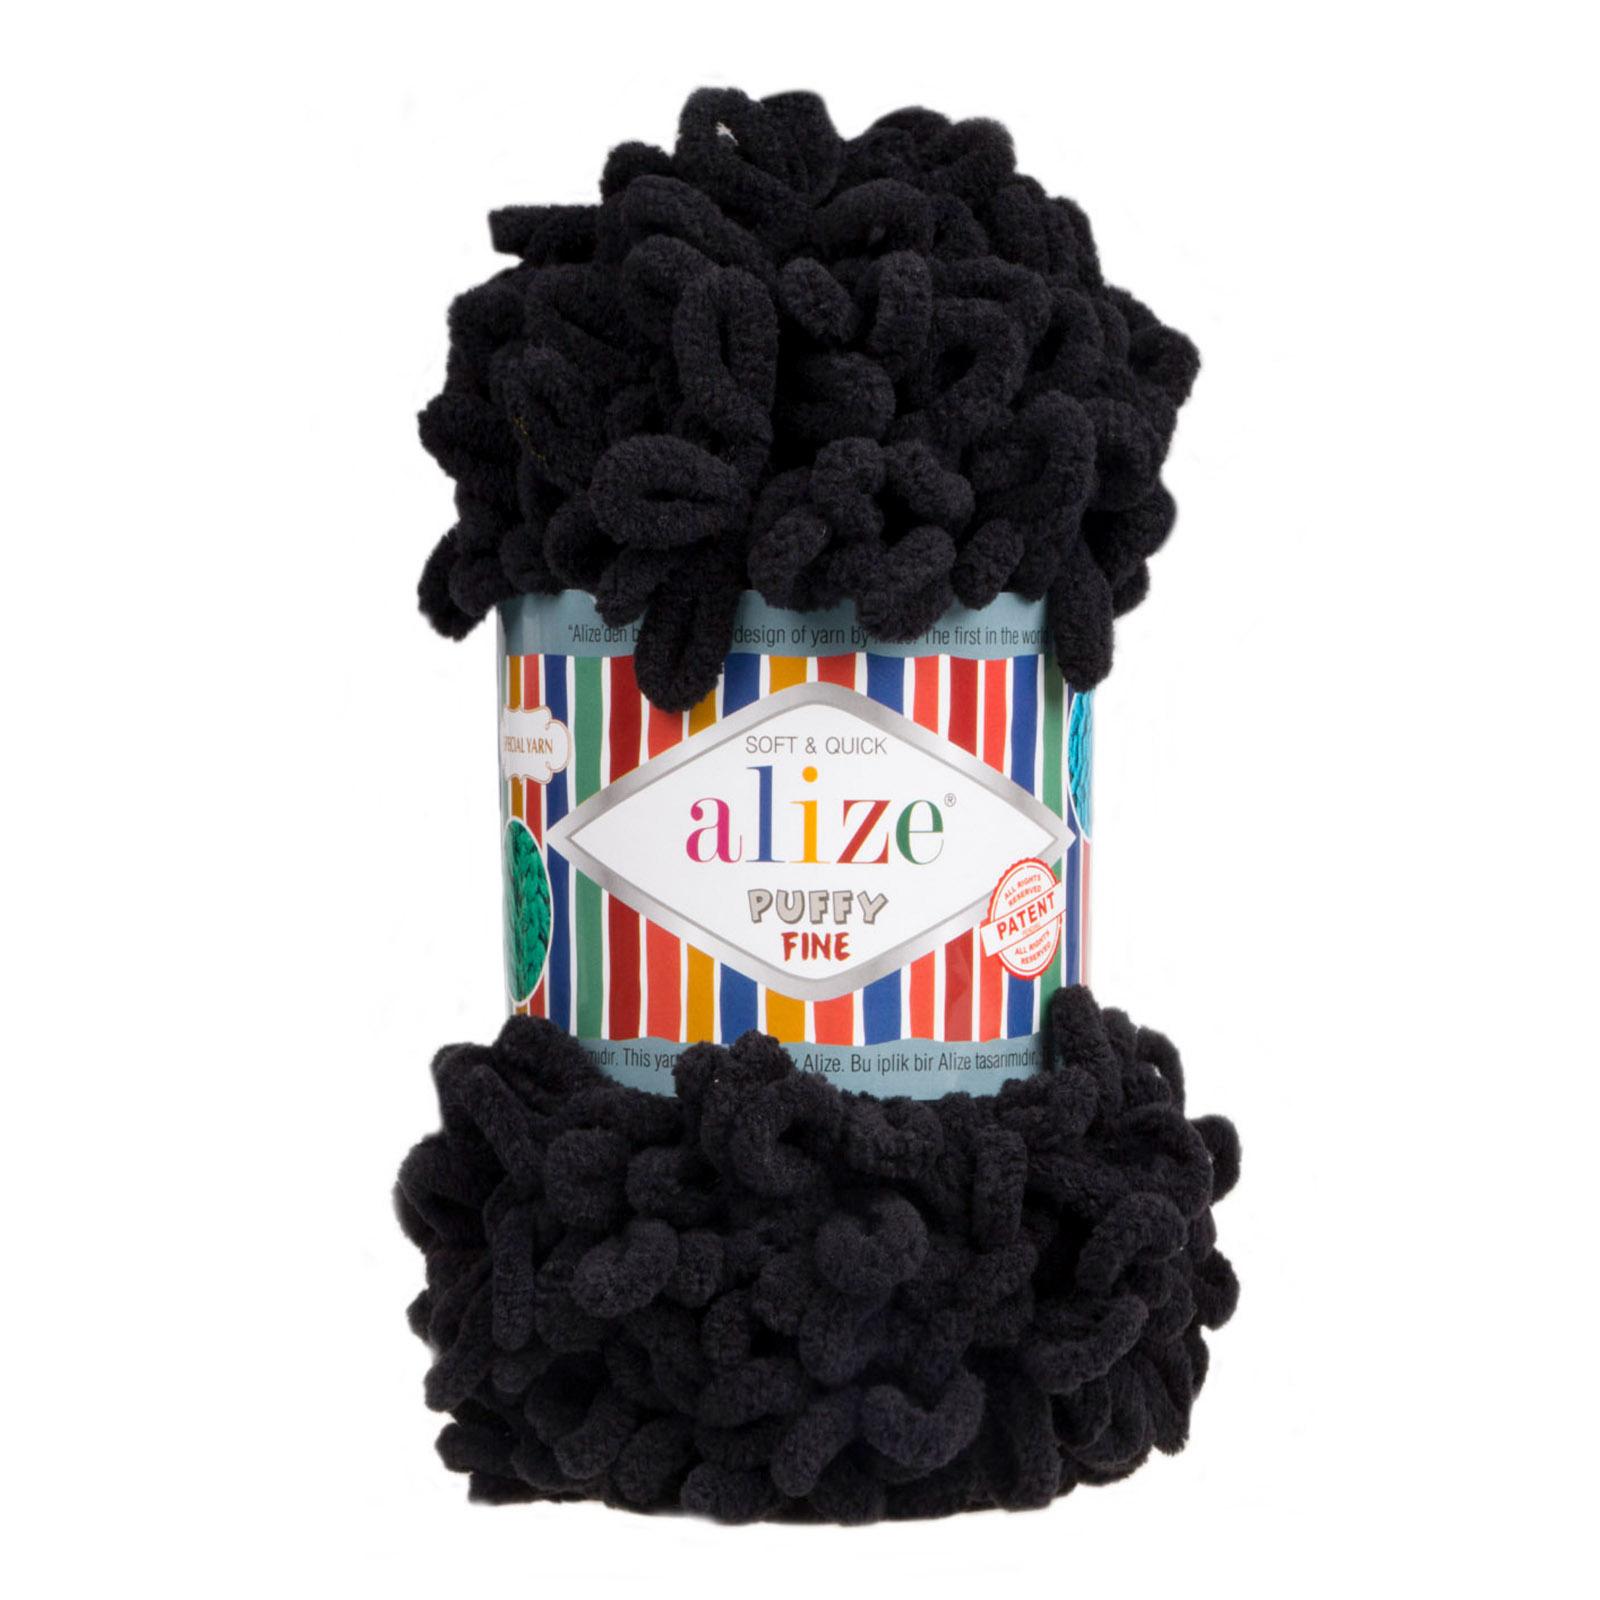 500g Strickgarn ALIZE Puffy Fine Uni, stricken ohne Nadeln auch für Anfänger geeignet – Bild 18